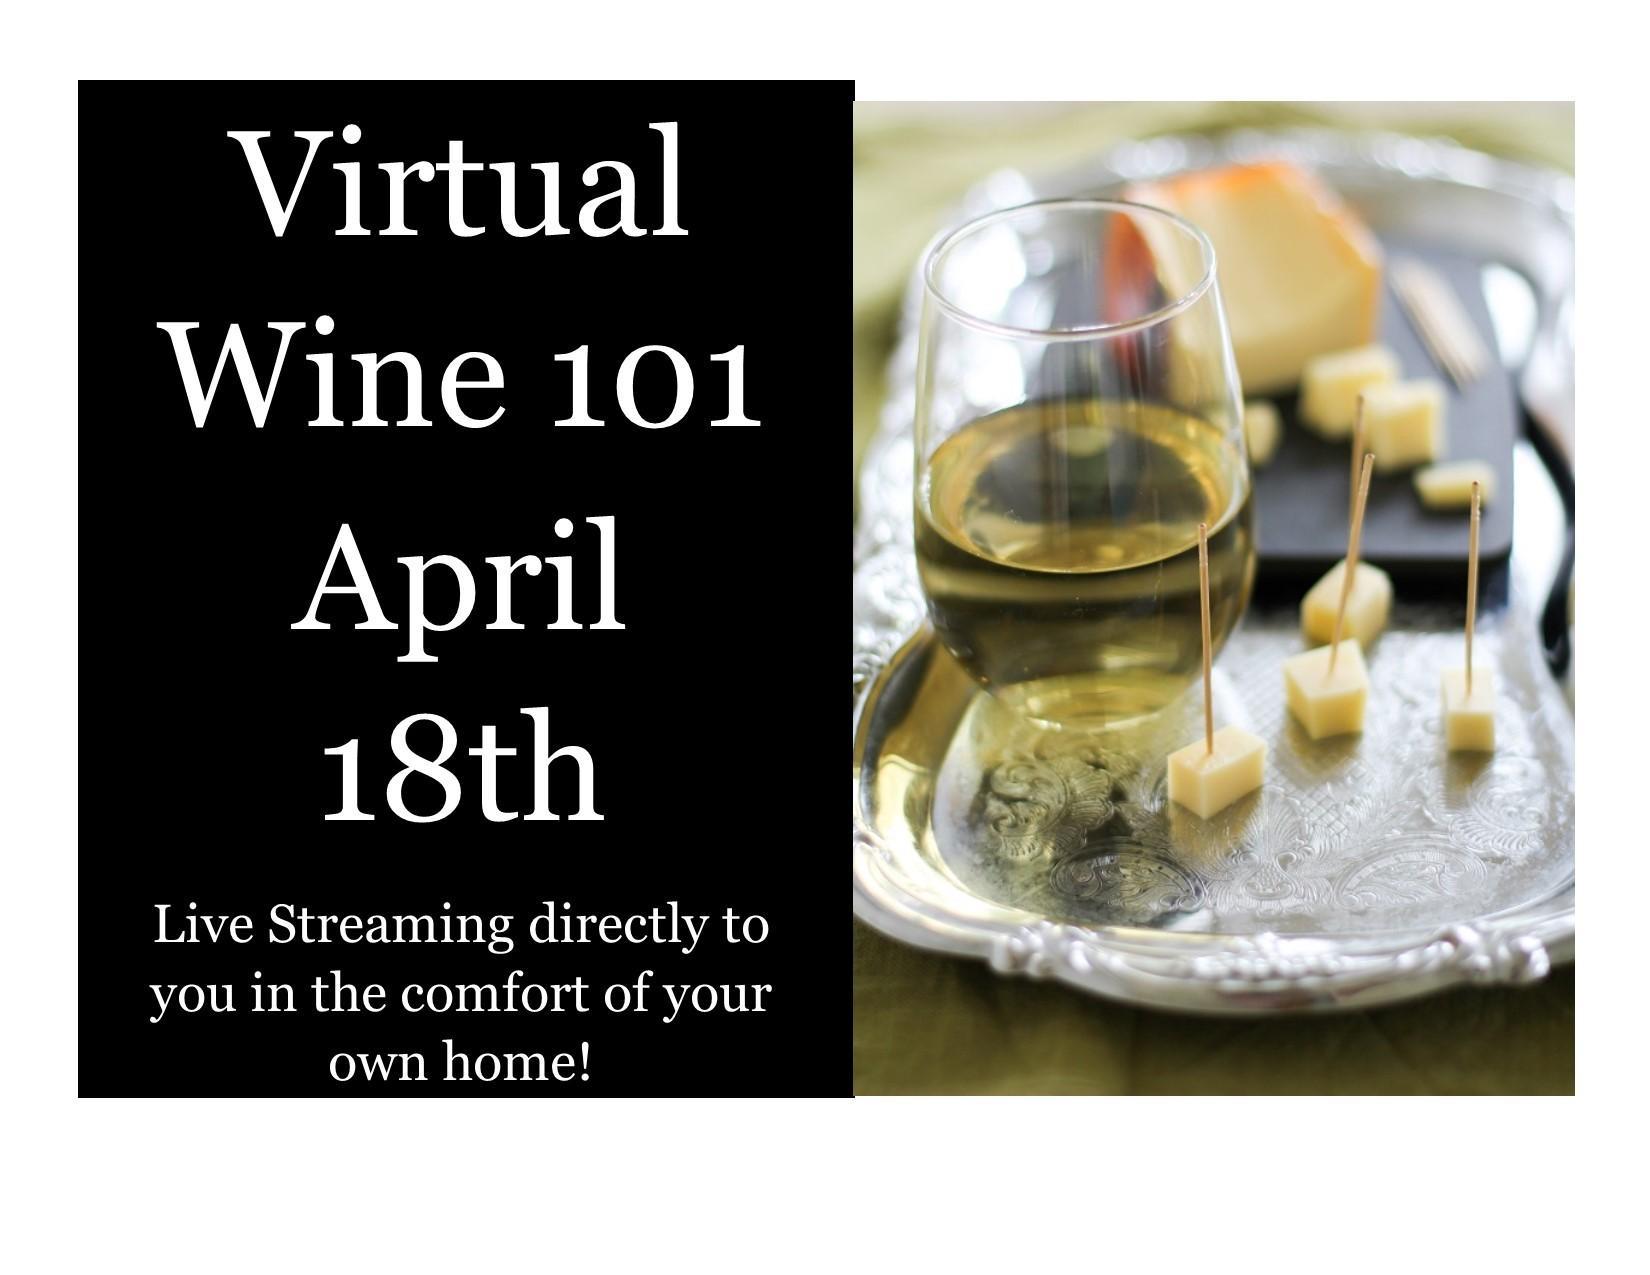 virtual wine 101 nJoKpp.tmp  - Virtual Wine 101-Wine and Cheese Pairing